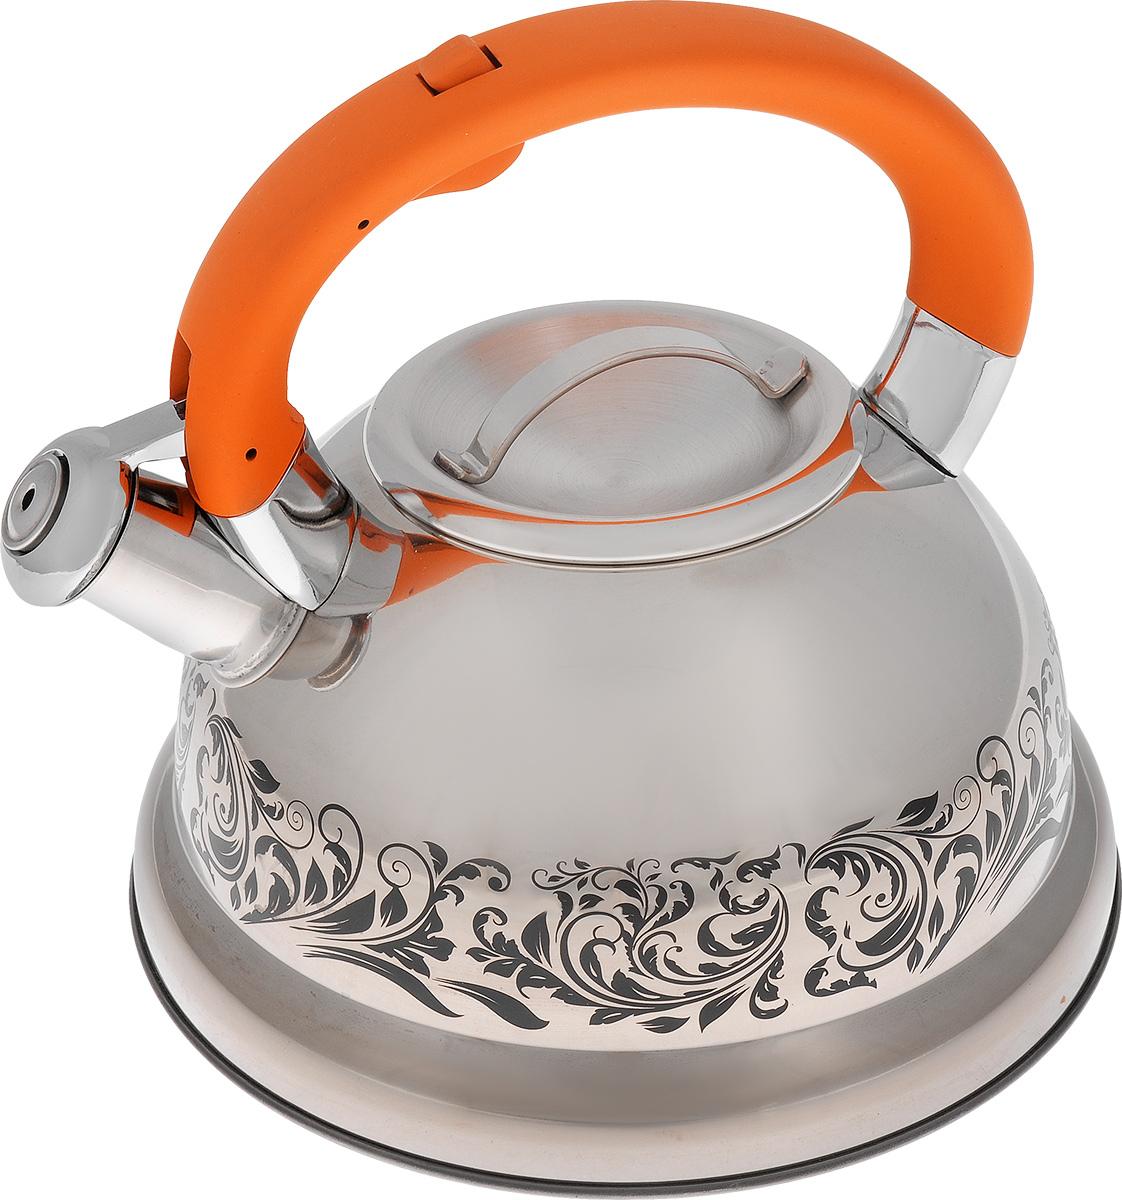 Чайник Mayer & Boch, со свистком, цвет: стальной, оранжевый, 2,6 л23416Чайник Mayer & Boch выполнен из высококачественной нержавеющей стали, что обеспечивает долговечность использования. Изделие оформлено изящным рисунком, который одновременно является и индикатором цвета - при нагревании рисунок на корпусе меняет цвет. Ручка с силиконовой накладкой делает использование чайника очень удобным и безопасным. Чайник снабжен свистком и кнопкой для открывания носика. Пригоден для использования на газовых, электрических, индукционных плитах. Можно мыть в посудомоечной машине. Высота стенок чайника: 11 см. Общая высота чайника: 20,5 см.